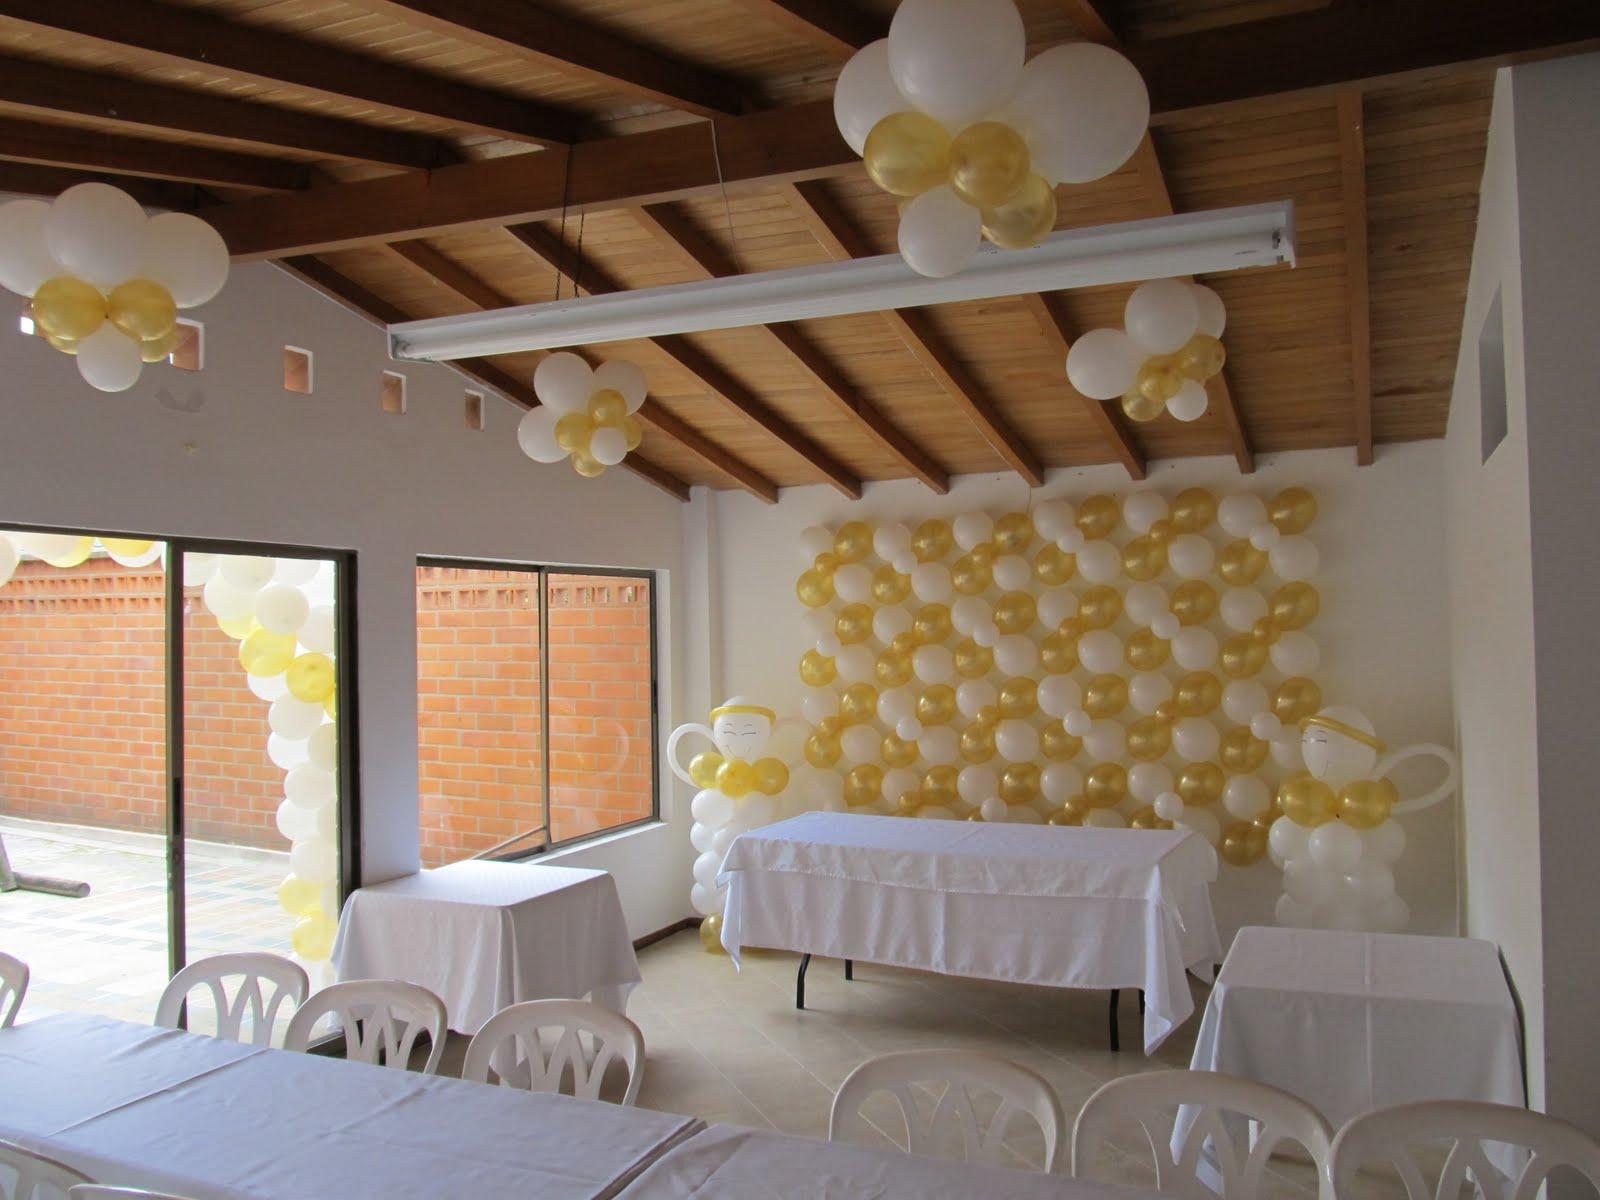 decoracion con globos para primera comunion y